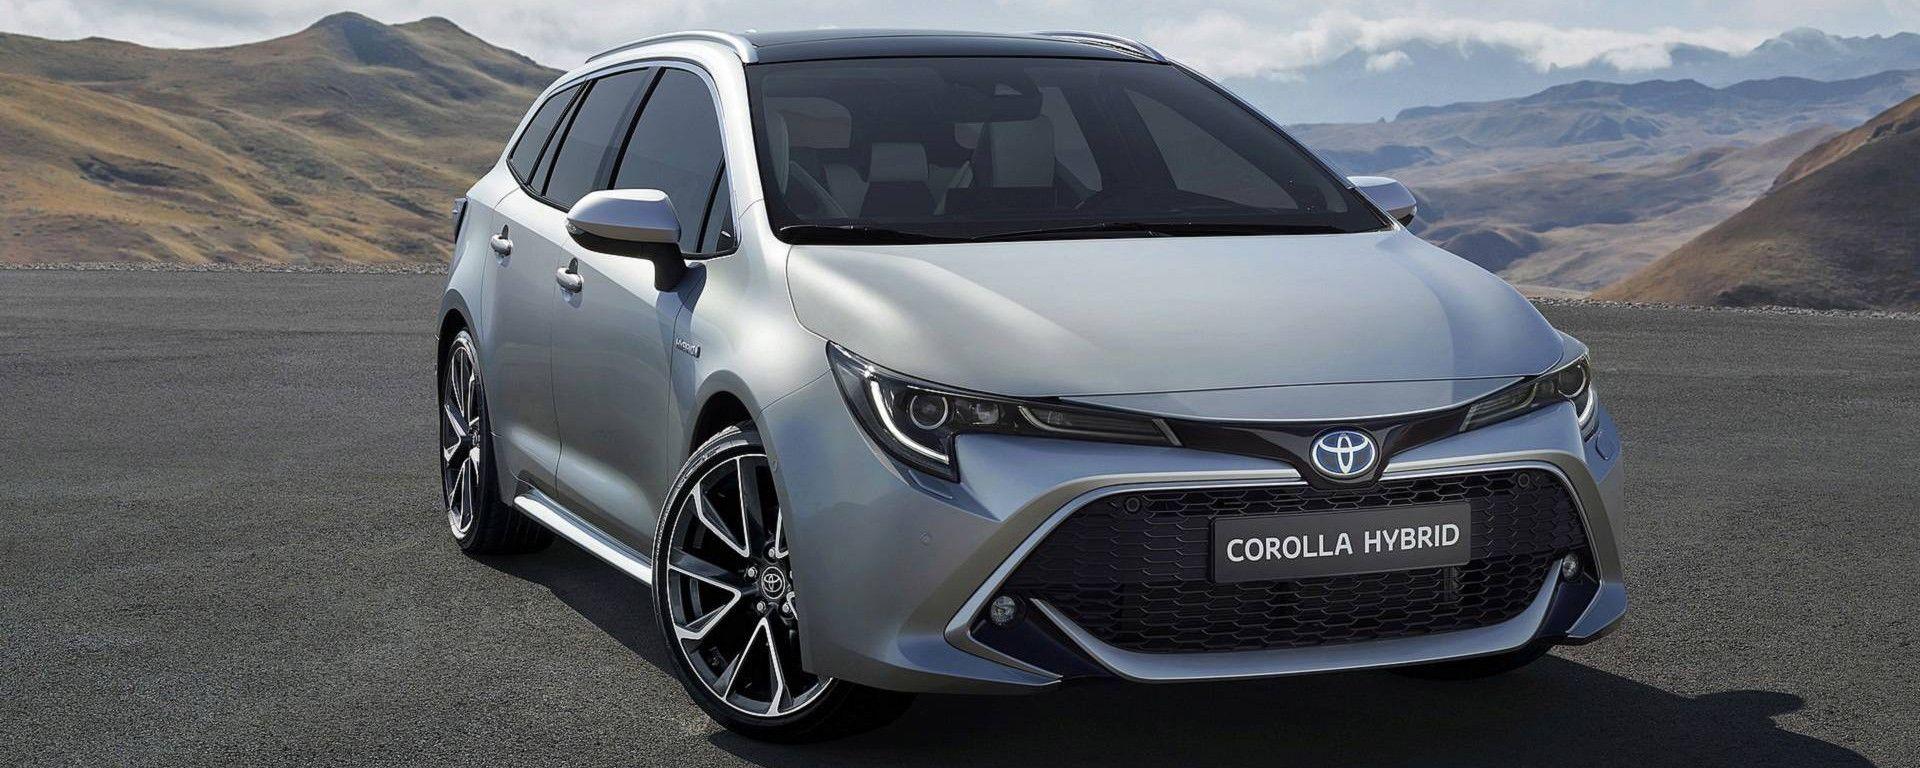 Nuova Toyota Corolla 2019 Prezzi Allestimenti Consumi